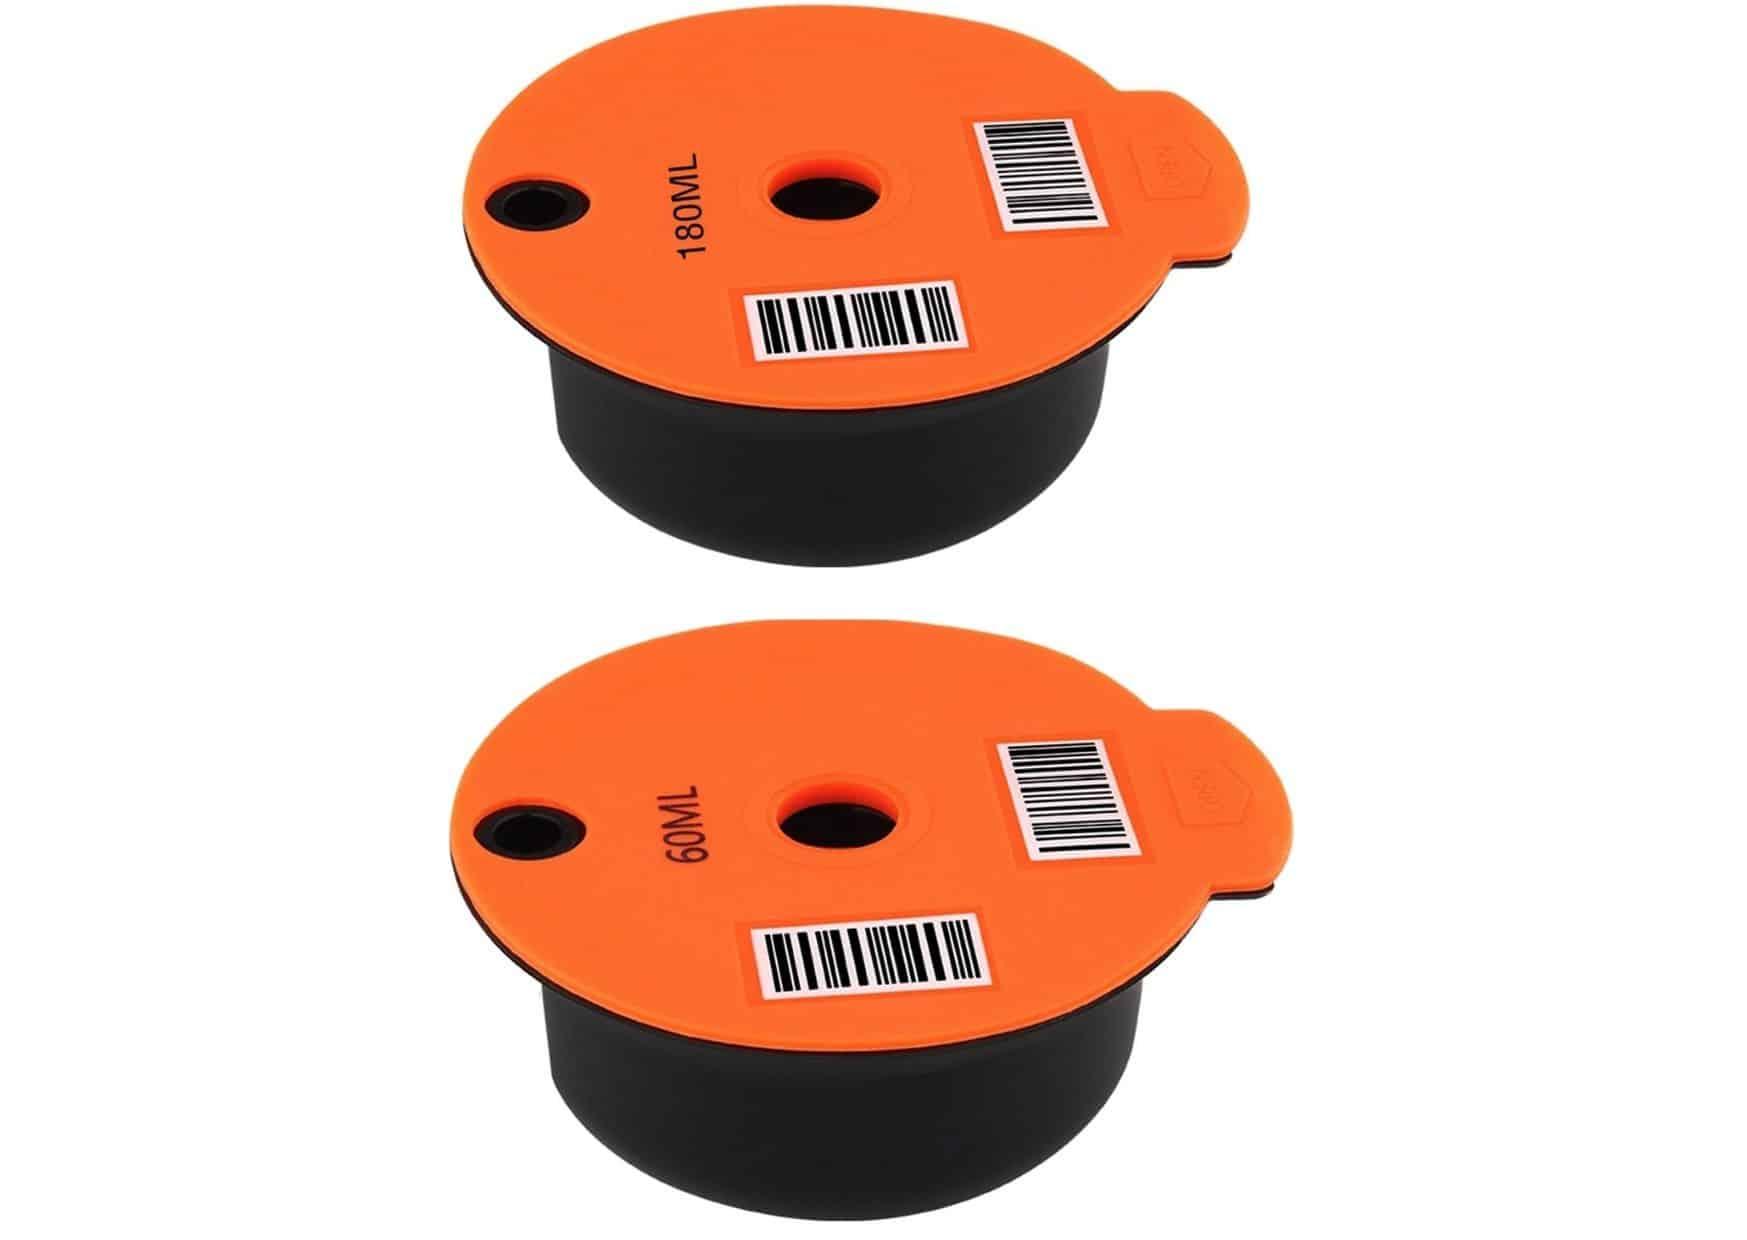 capsulas compatibles tassimo-2